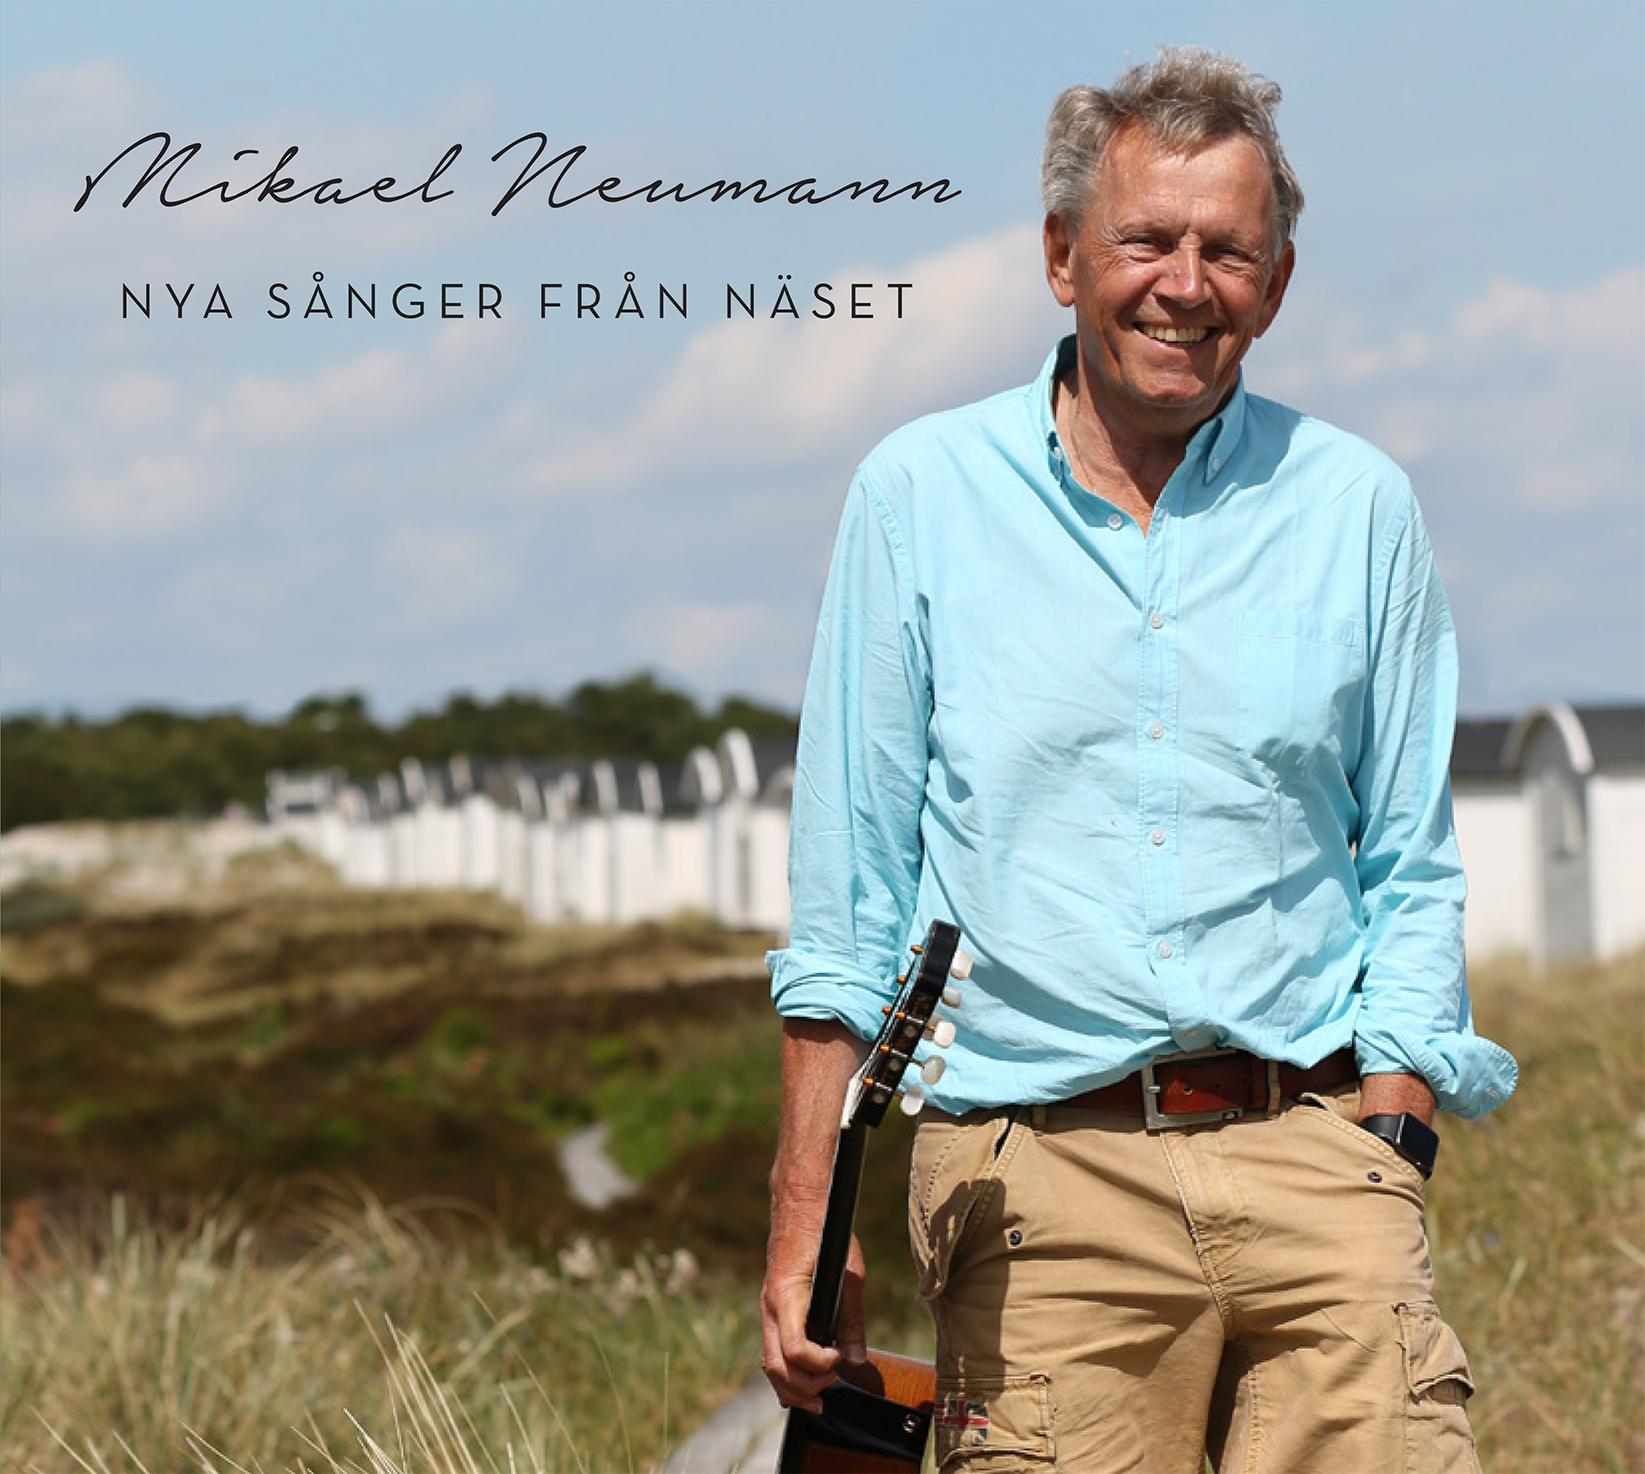 Nya sånger från Näset - Köp skivan här i shoppen eller lyssna och köp den på iTunes, Spotify mfl.